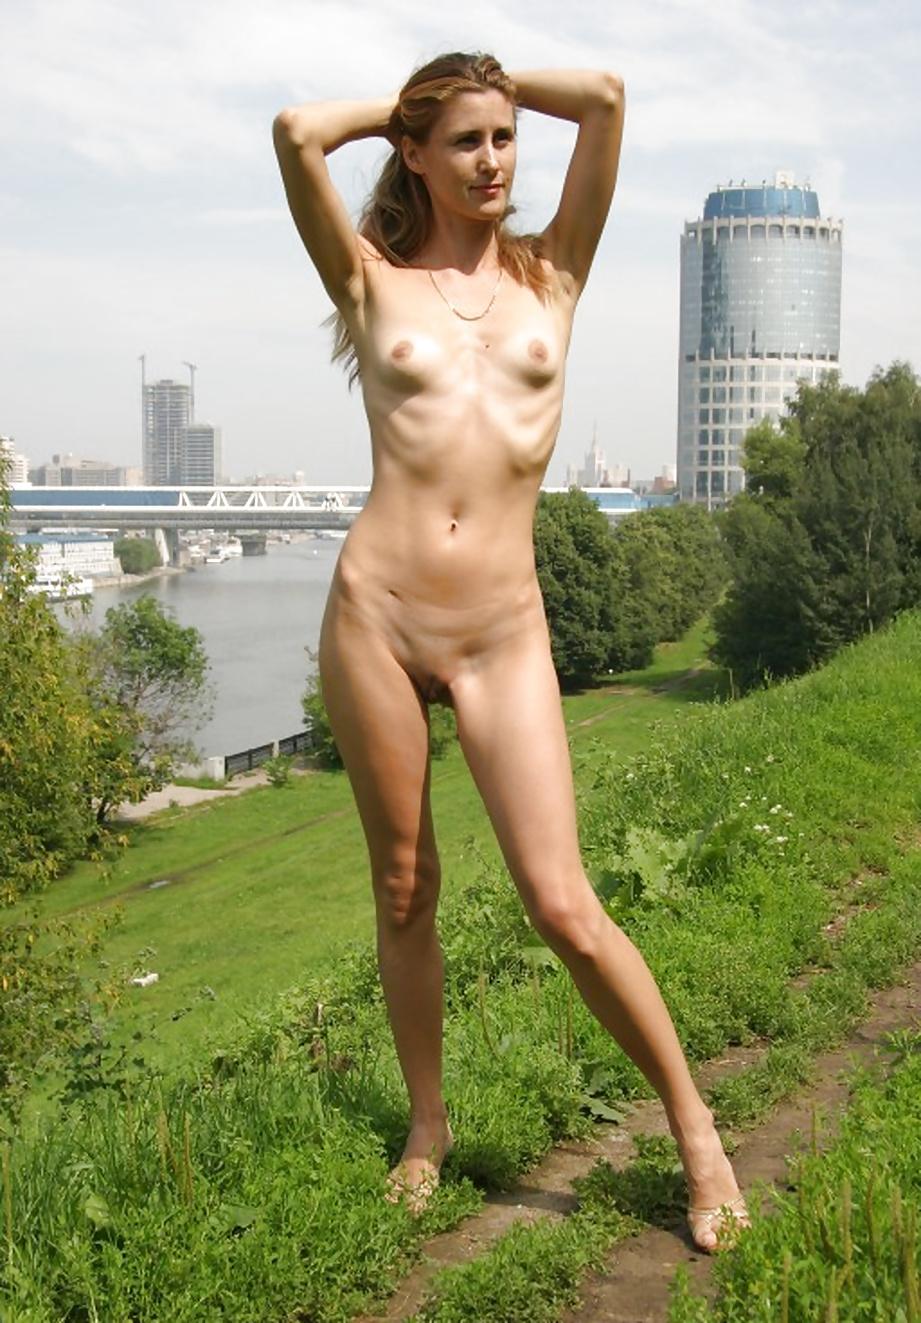 Худые голые девушки показывают себя